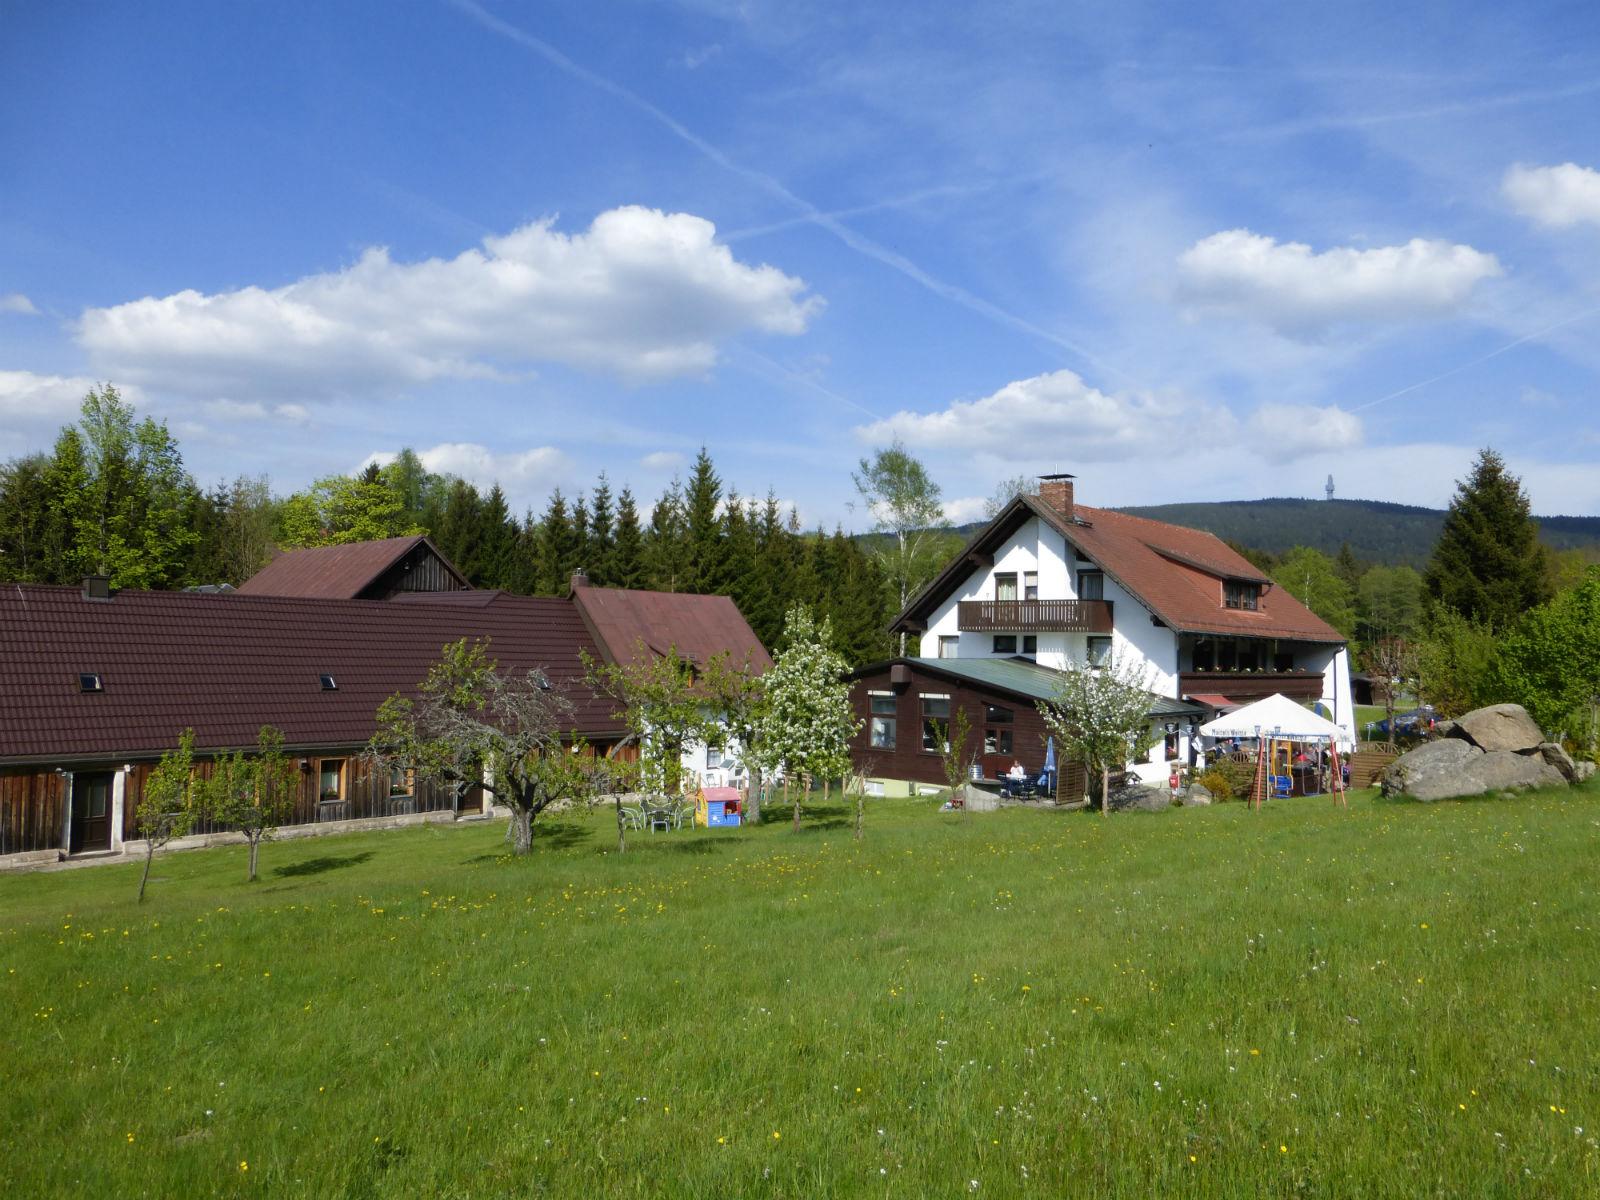 Hammerschmiede-Unser-Haus-Aussenansicht-mit-Garten